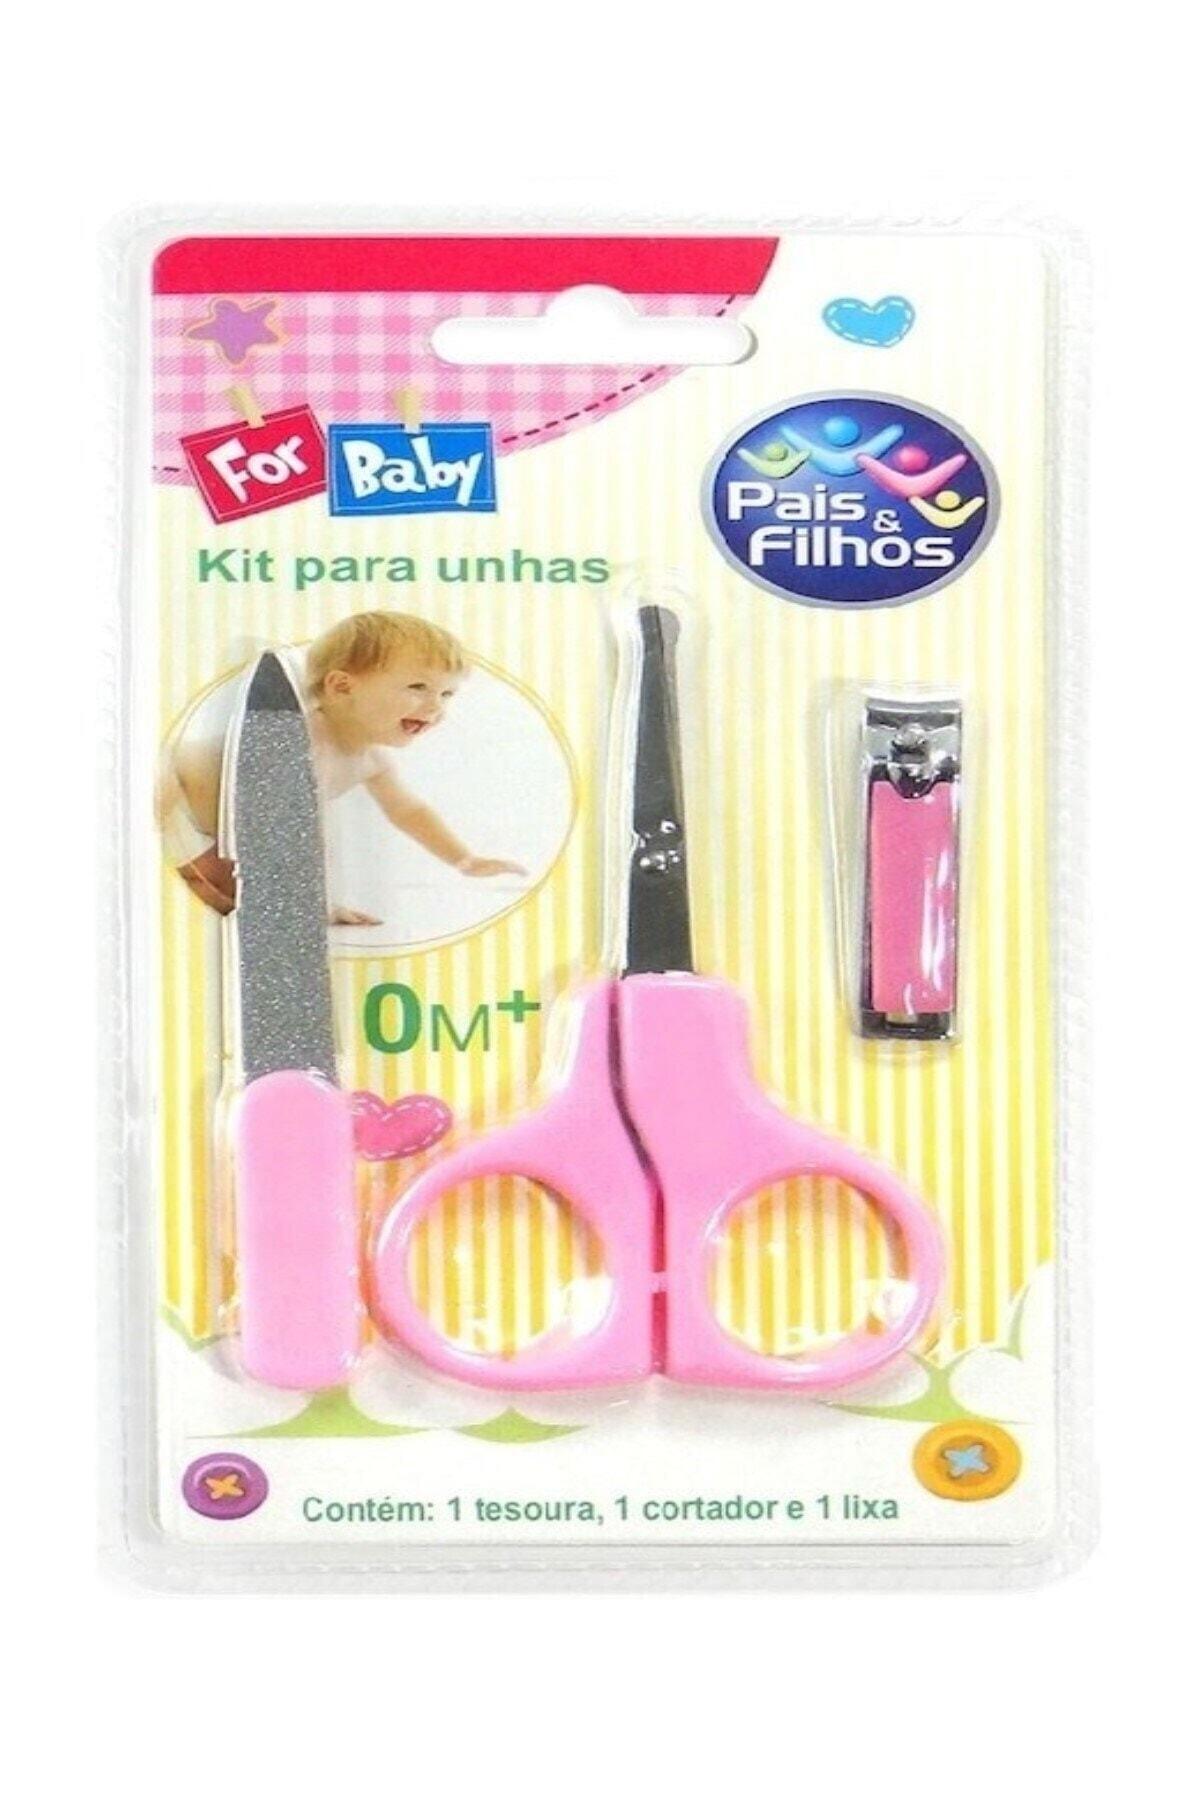 For Baby Çocuk Bebek Manikür Seti Tırnak Makası Törpü Makas Aksesuar Takım 1